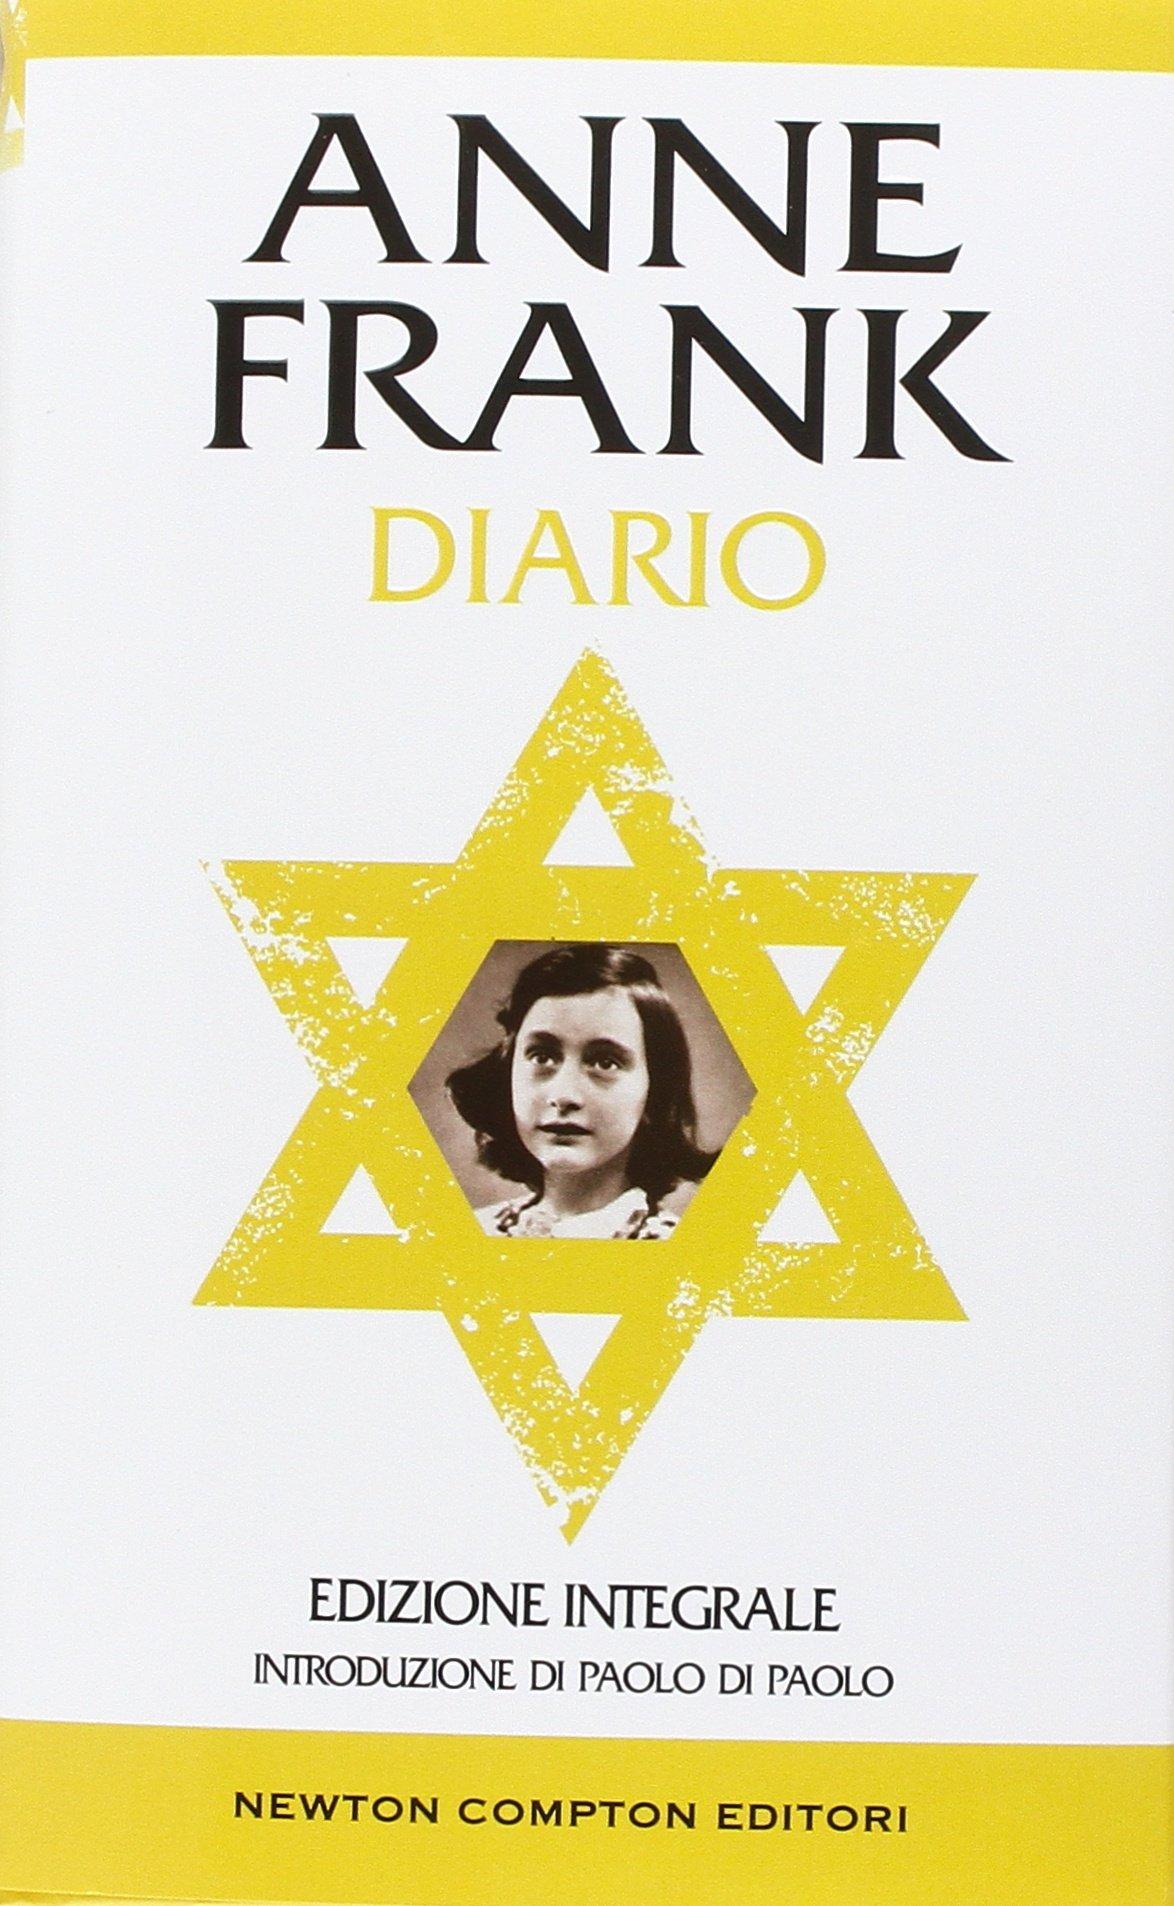 Recensione diario di anne frank - La porta di anne recensione ...